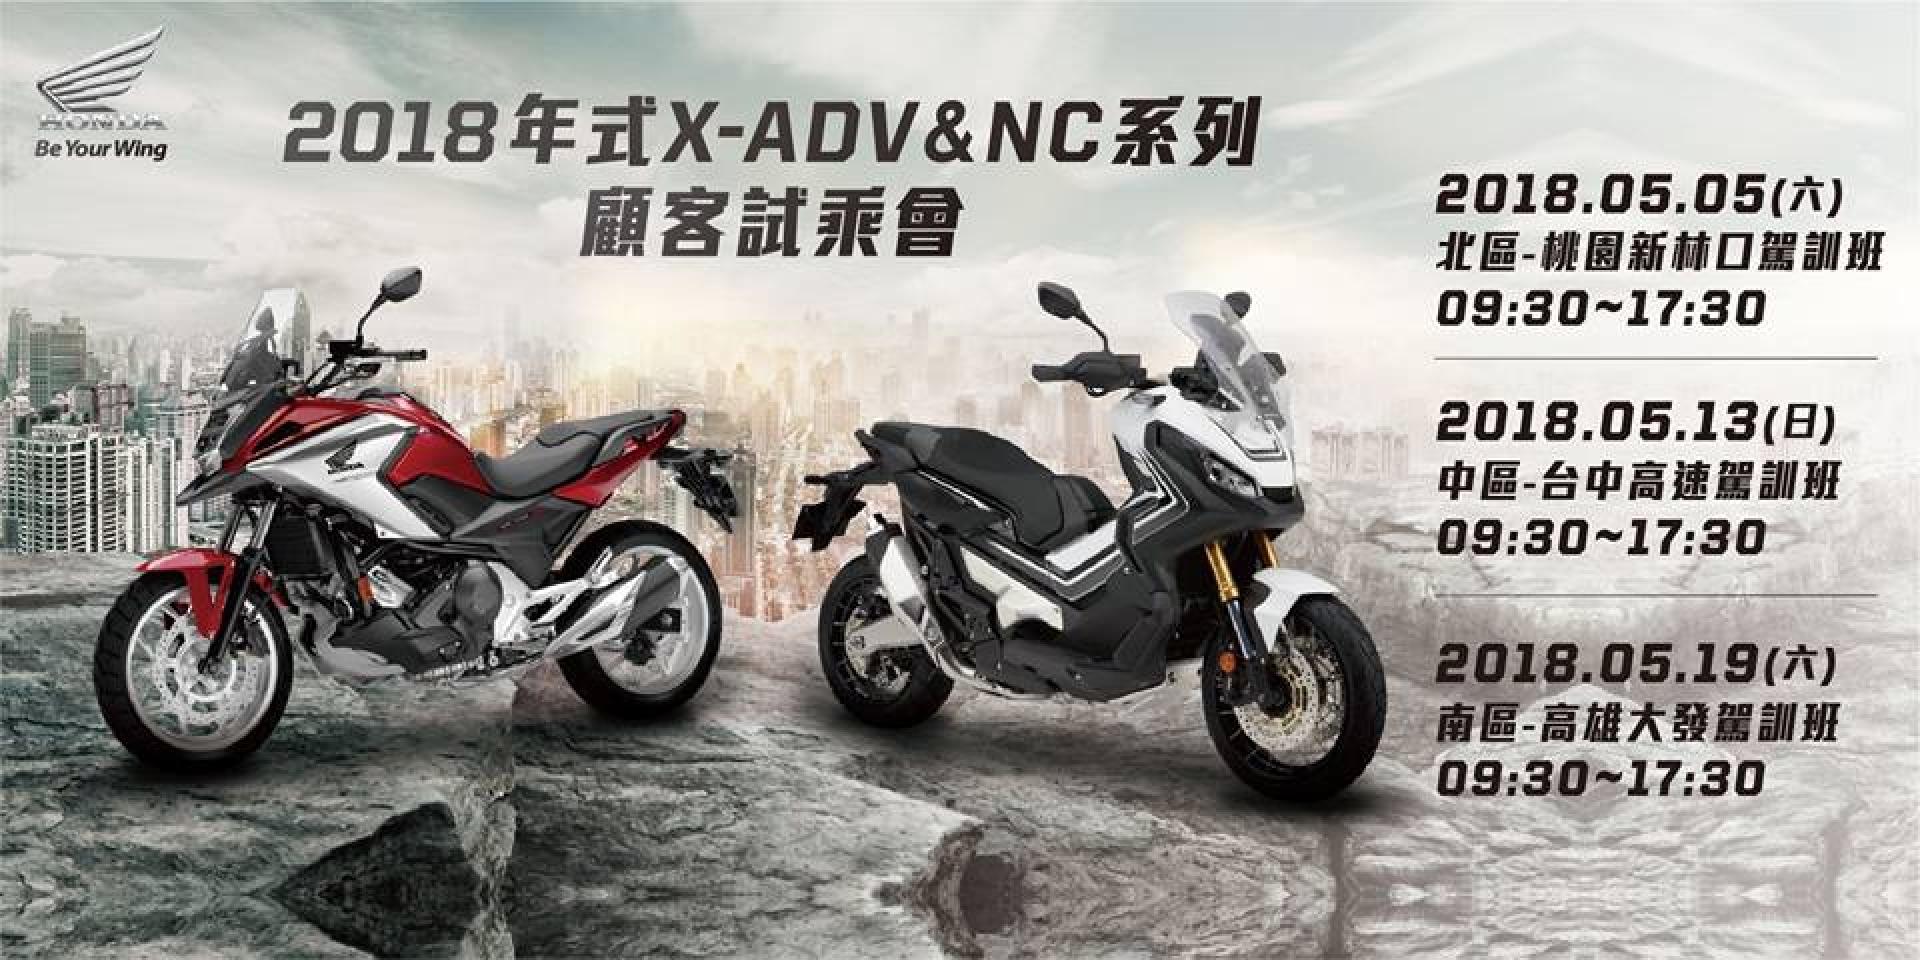 官方新聞稿。Honda 2018 X-ADV & NC750X顧客體驗會活動開跑